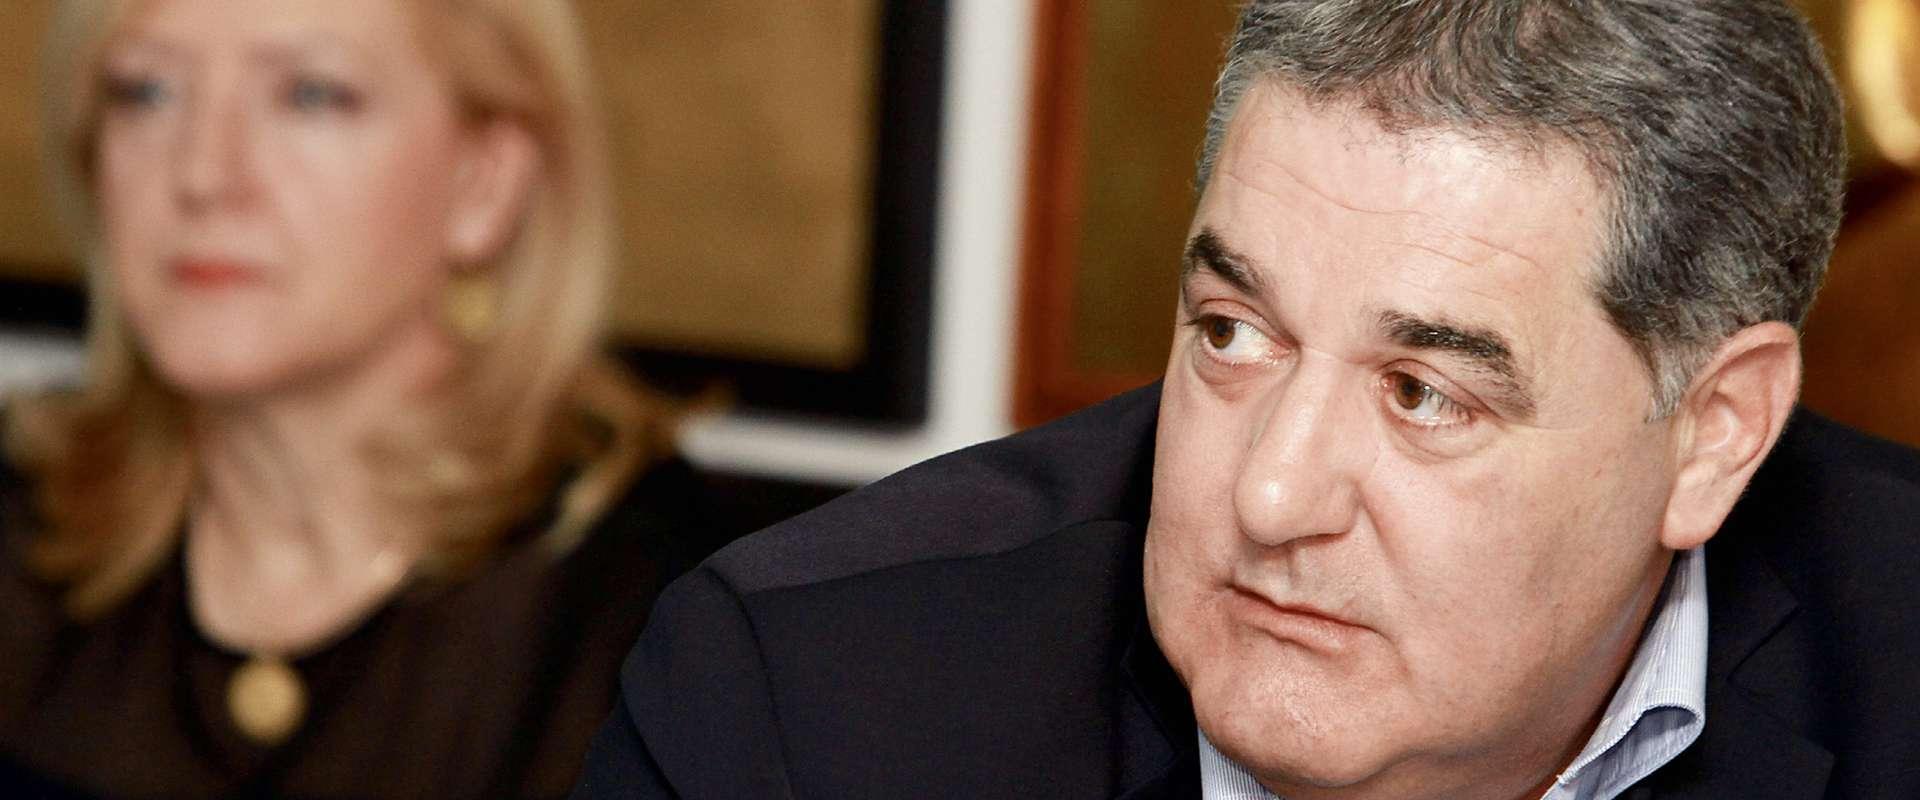 Splitski populist preventivno napada Milanovića da odgodi svoju smjenu